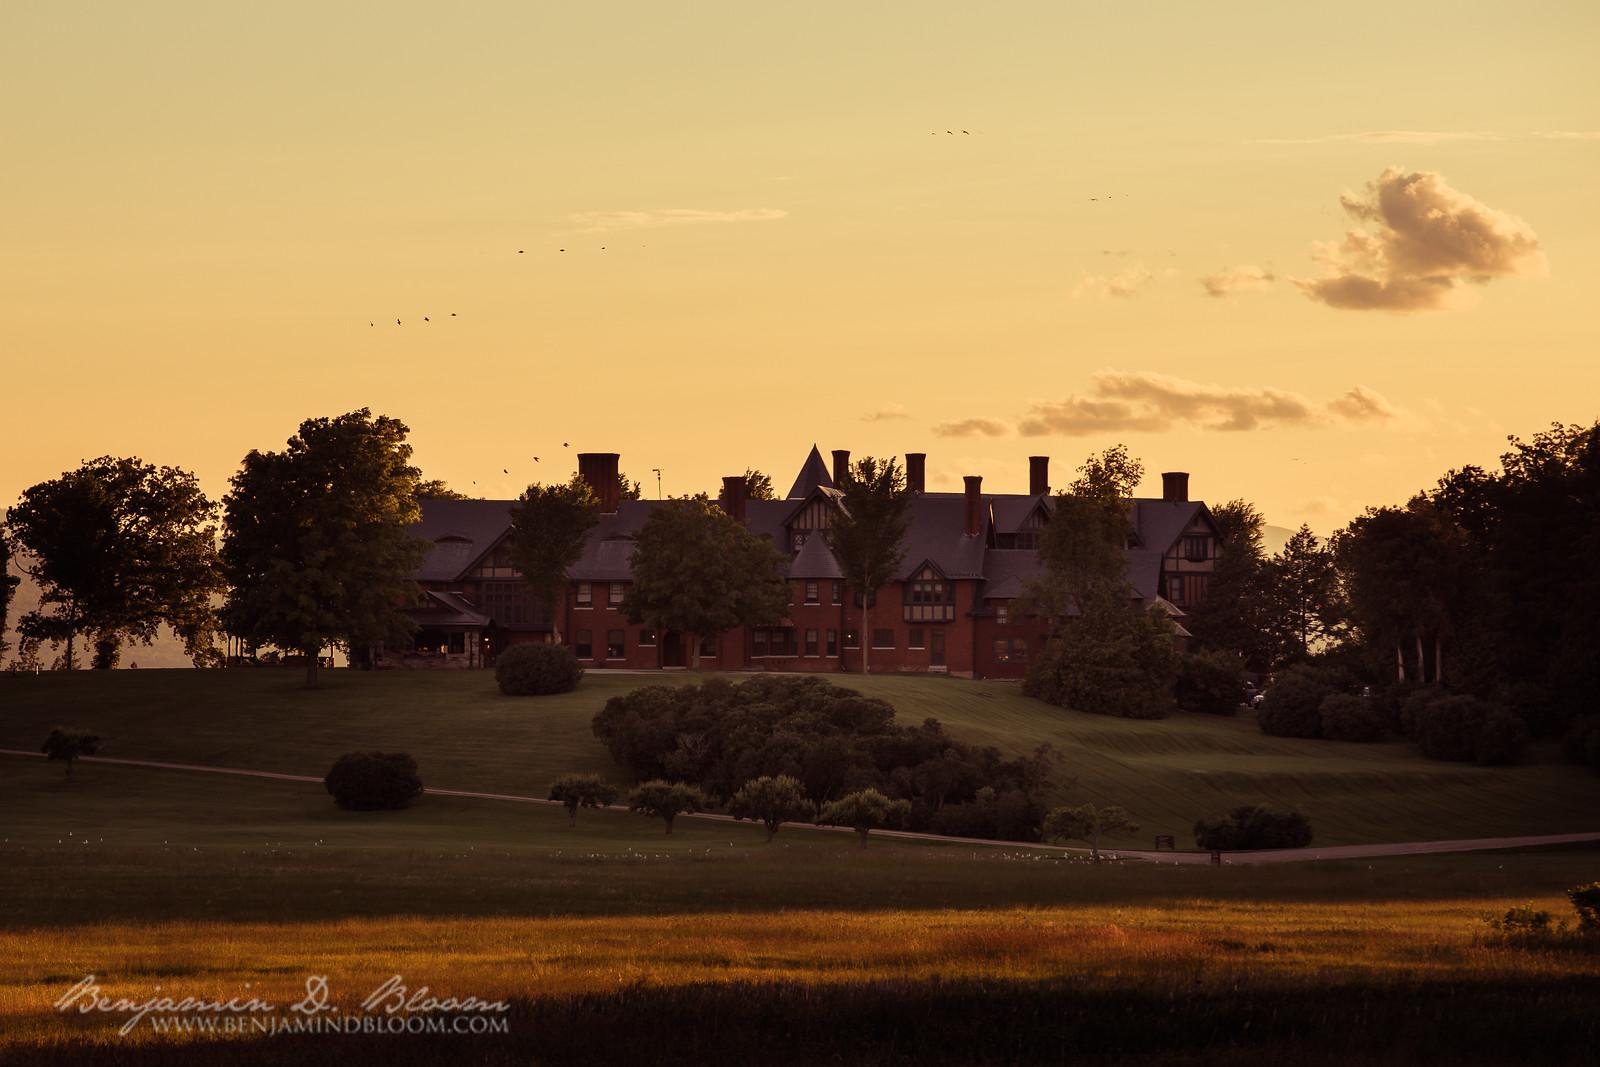 The Inn at Shelburne Farms Shelburne, Vermont